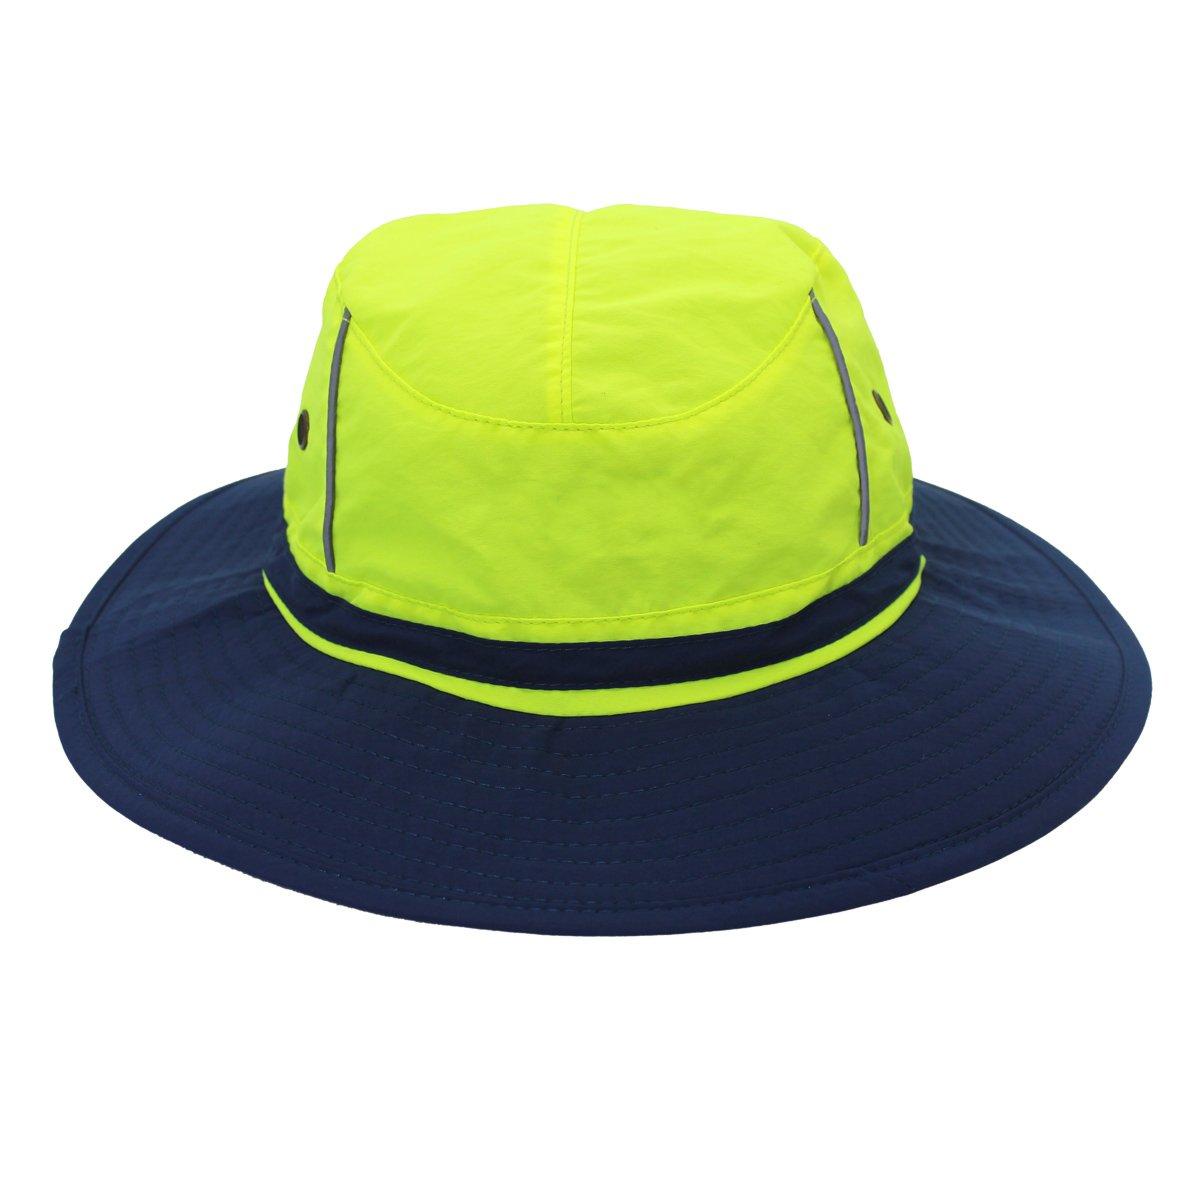 unisex UV50+ Sombrero de pesca reflectante con borde ancho; gorro antirrayos ultravioleta perfecto para el verano Verde navy blue brim Large